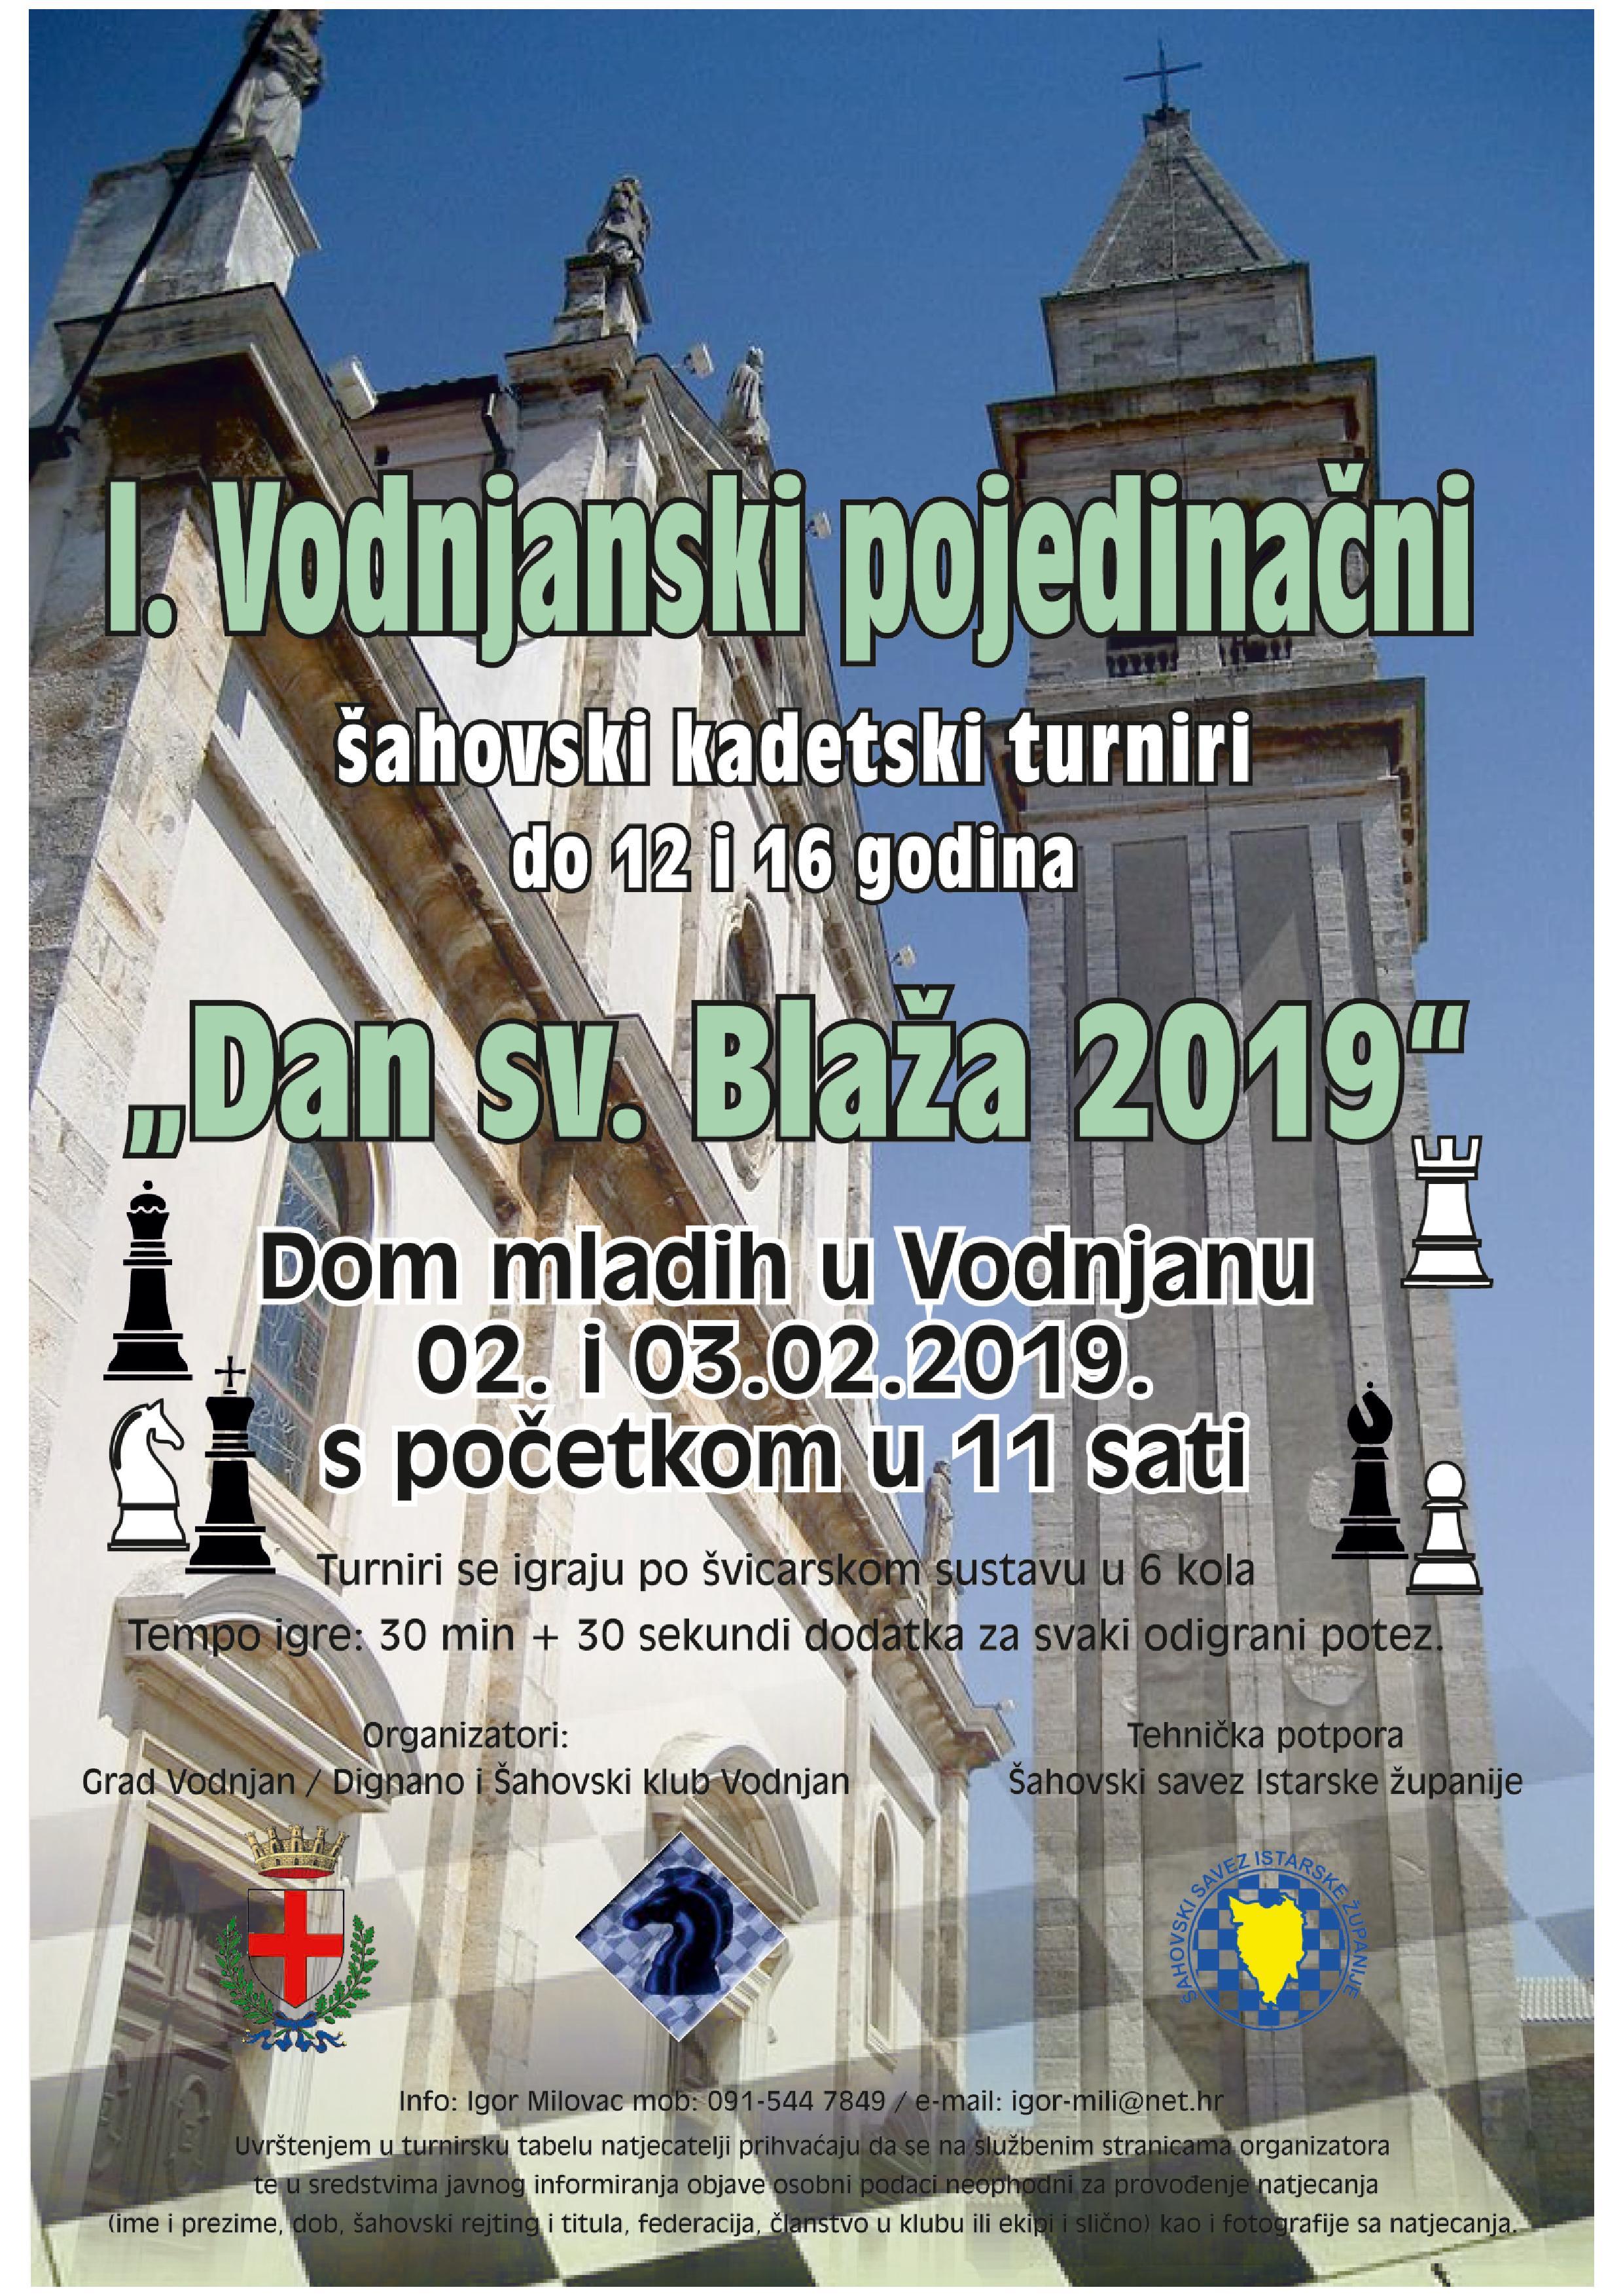 Plakat za šahovski kadetski turnir